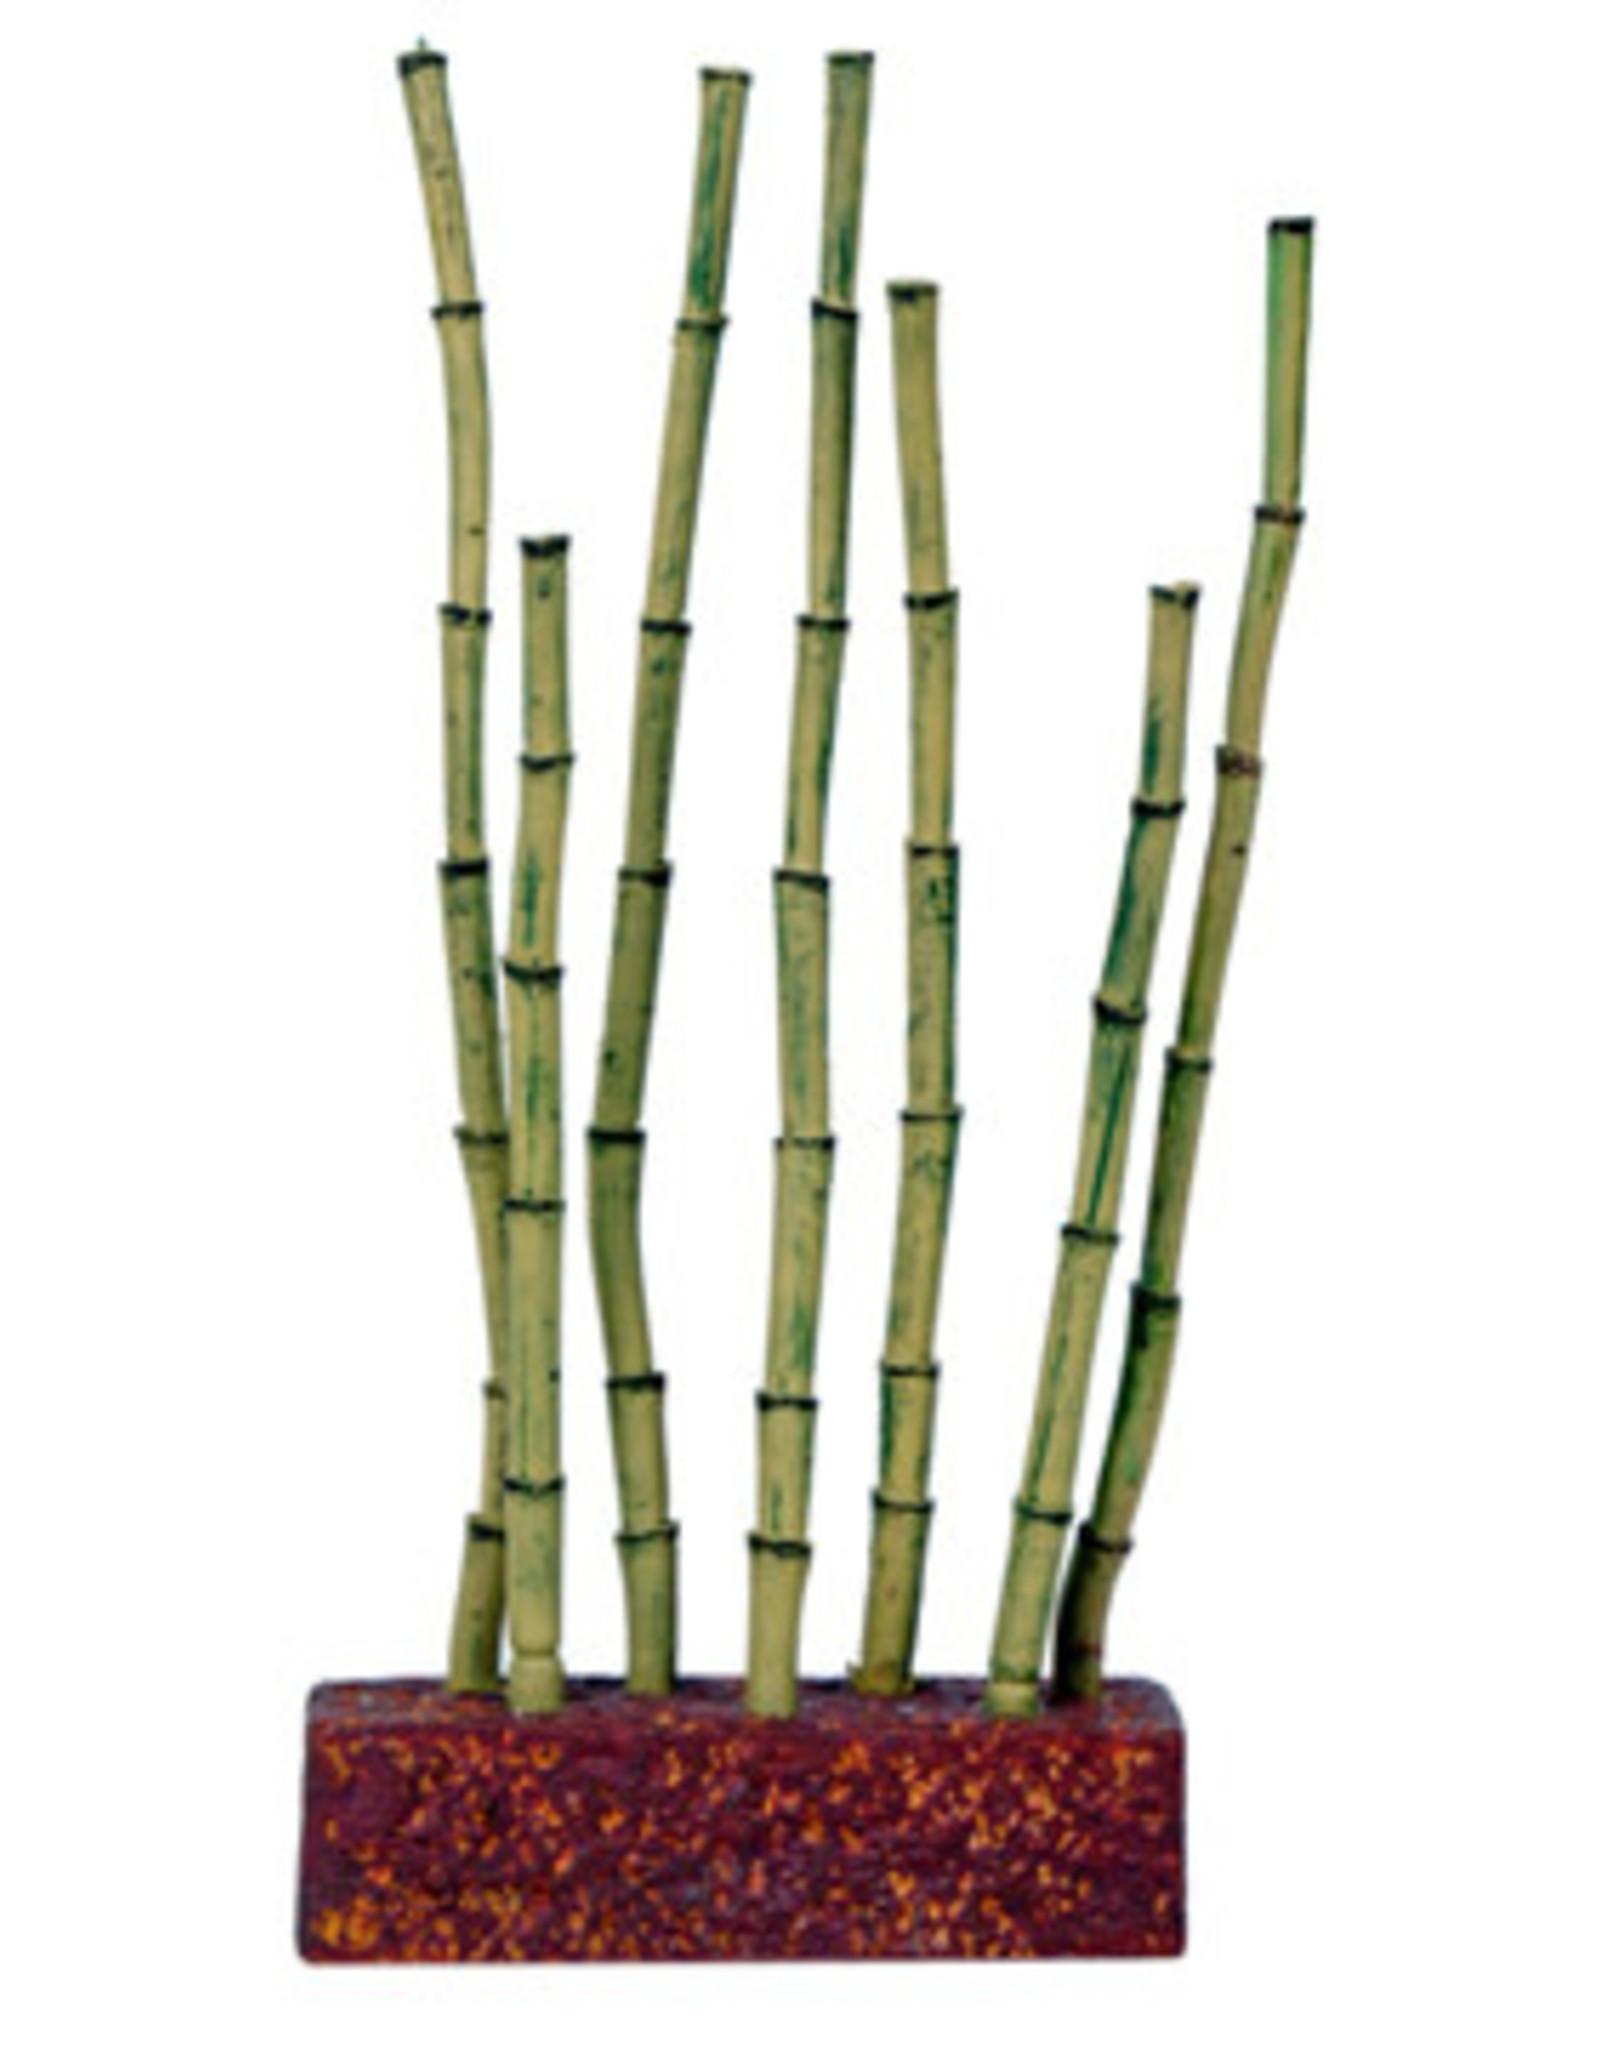 MARINA Marina Betta Kit Bamboo Shoots Ornament